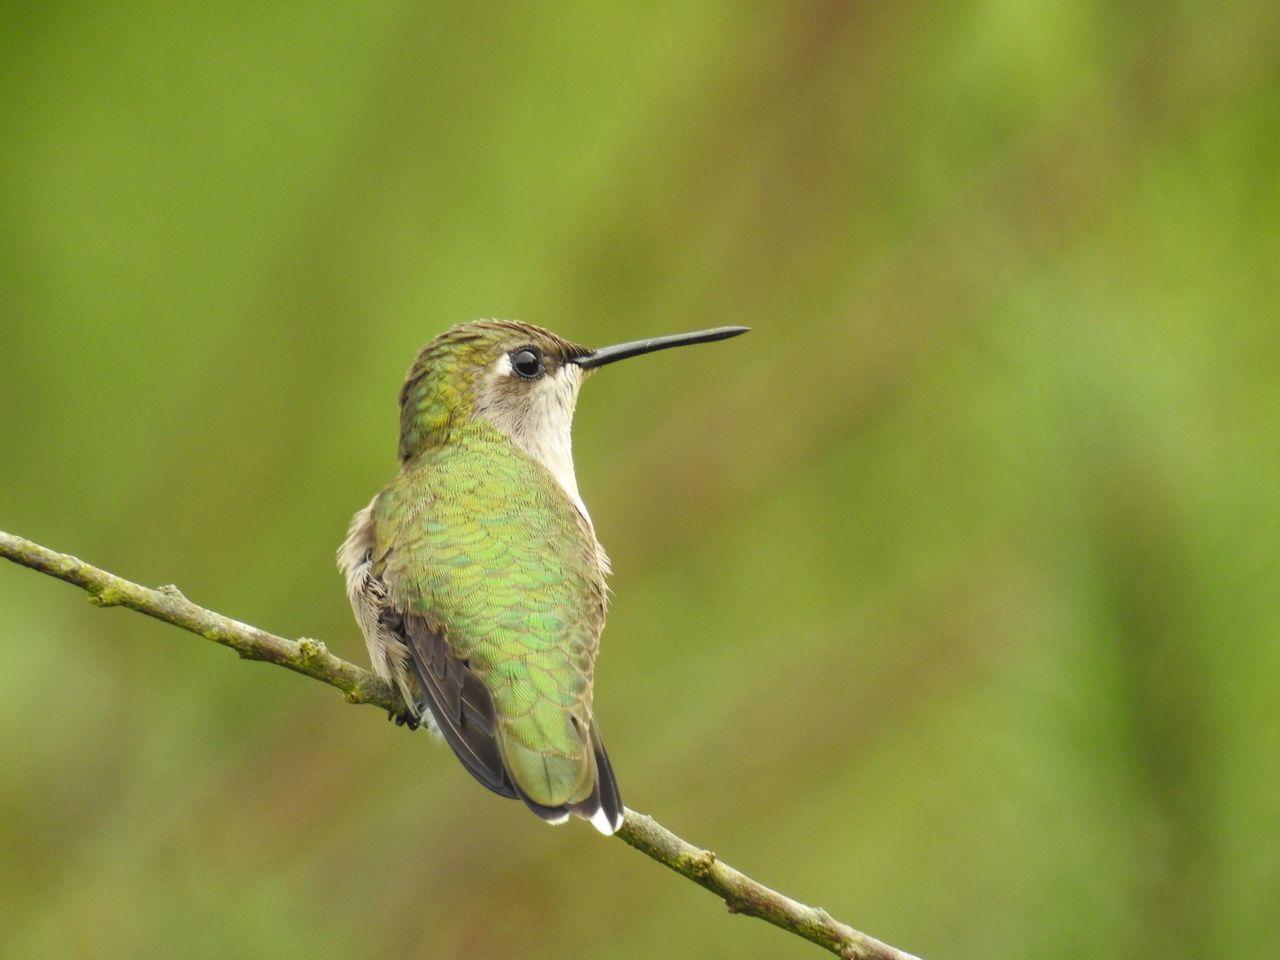 Rest Stop - Green Hummingbird Hummingbird Nature Photography Birds Bird Photography Quintana Beach Bird Sanctuary, Quintana,Tx